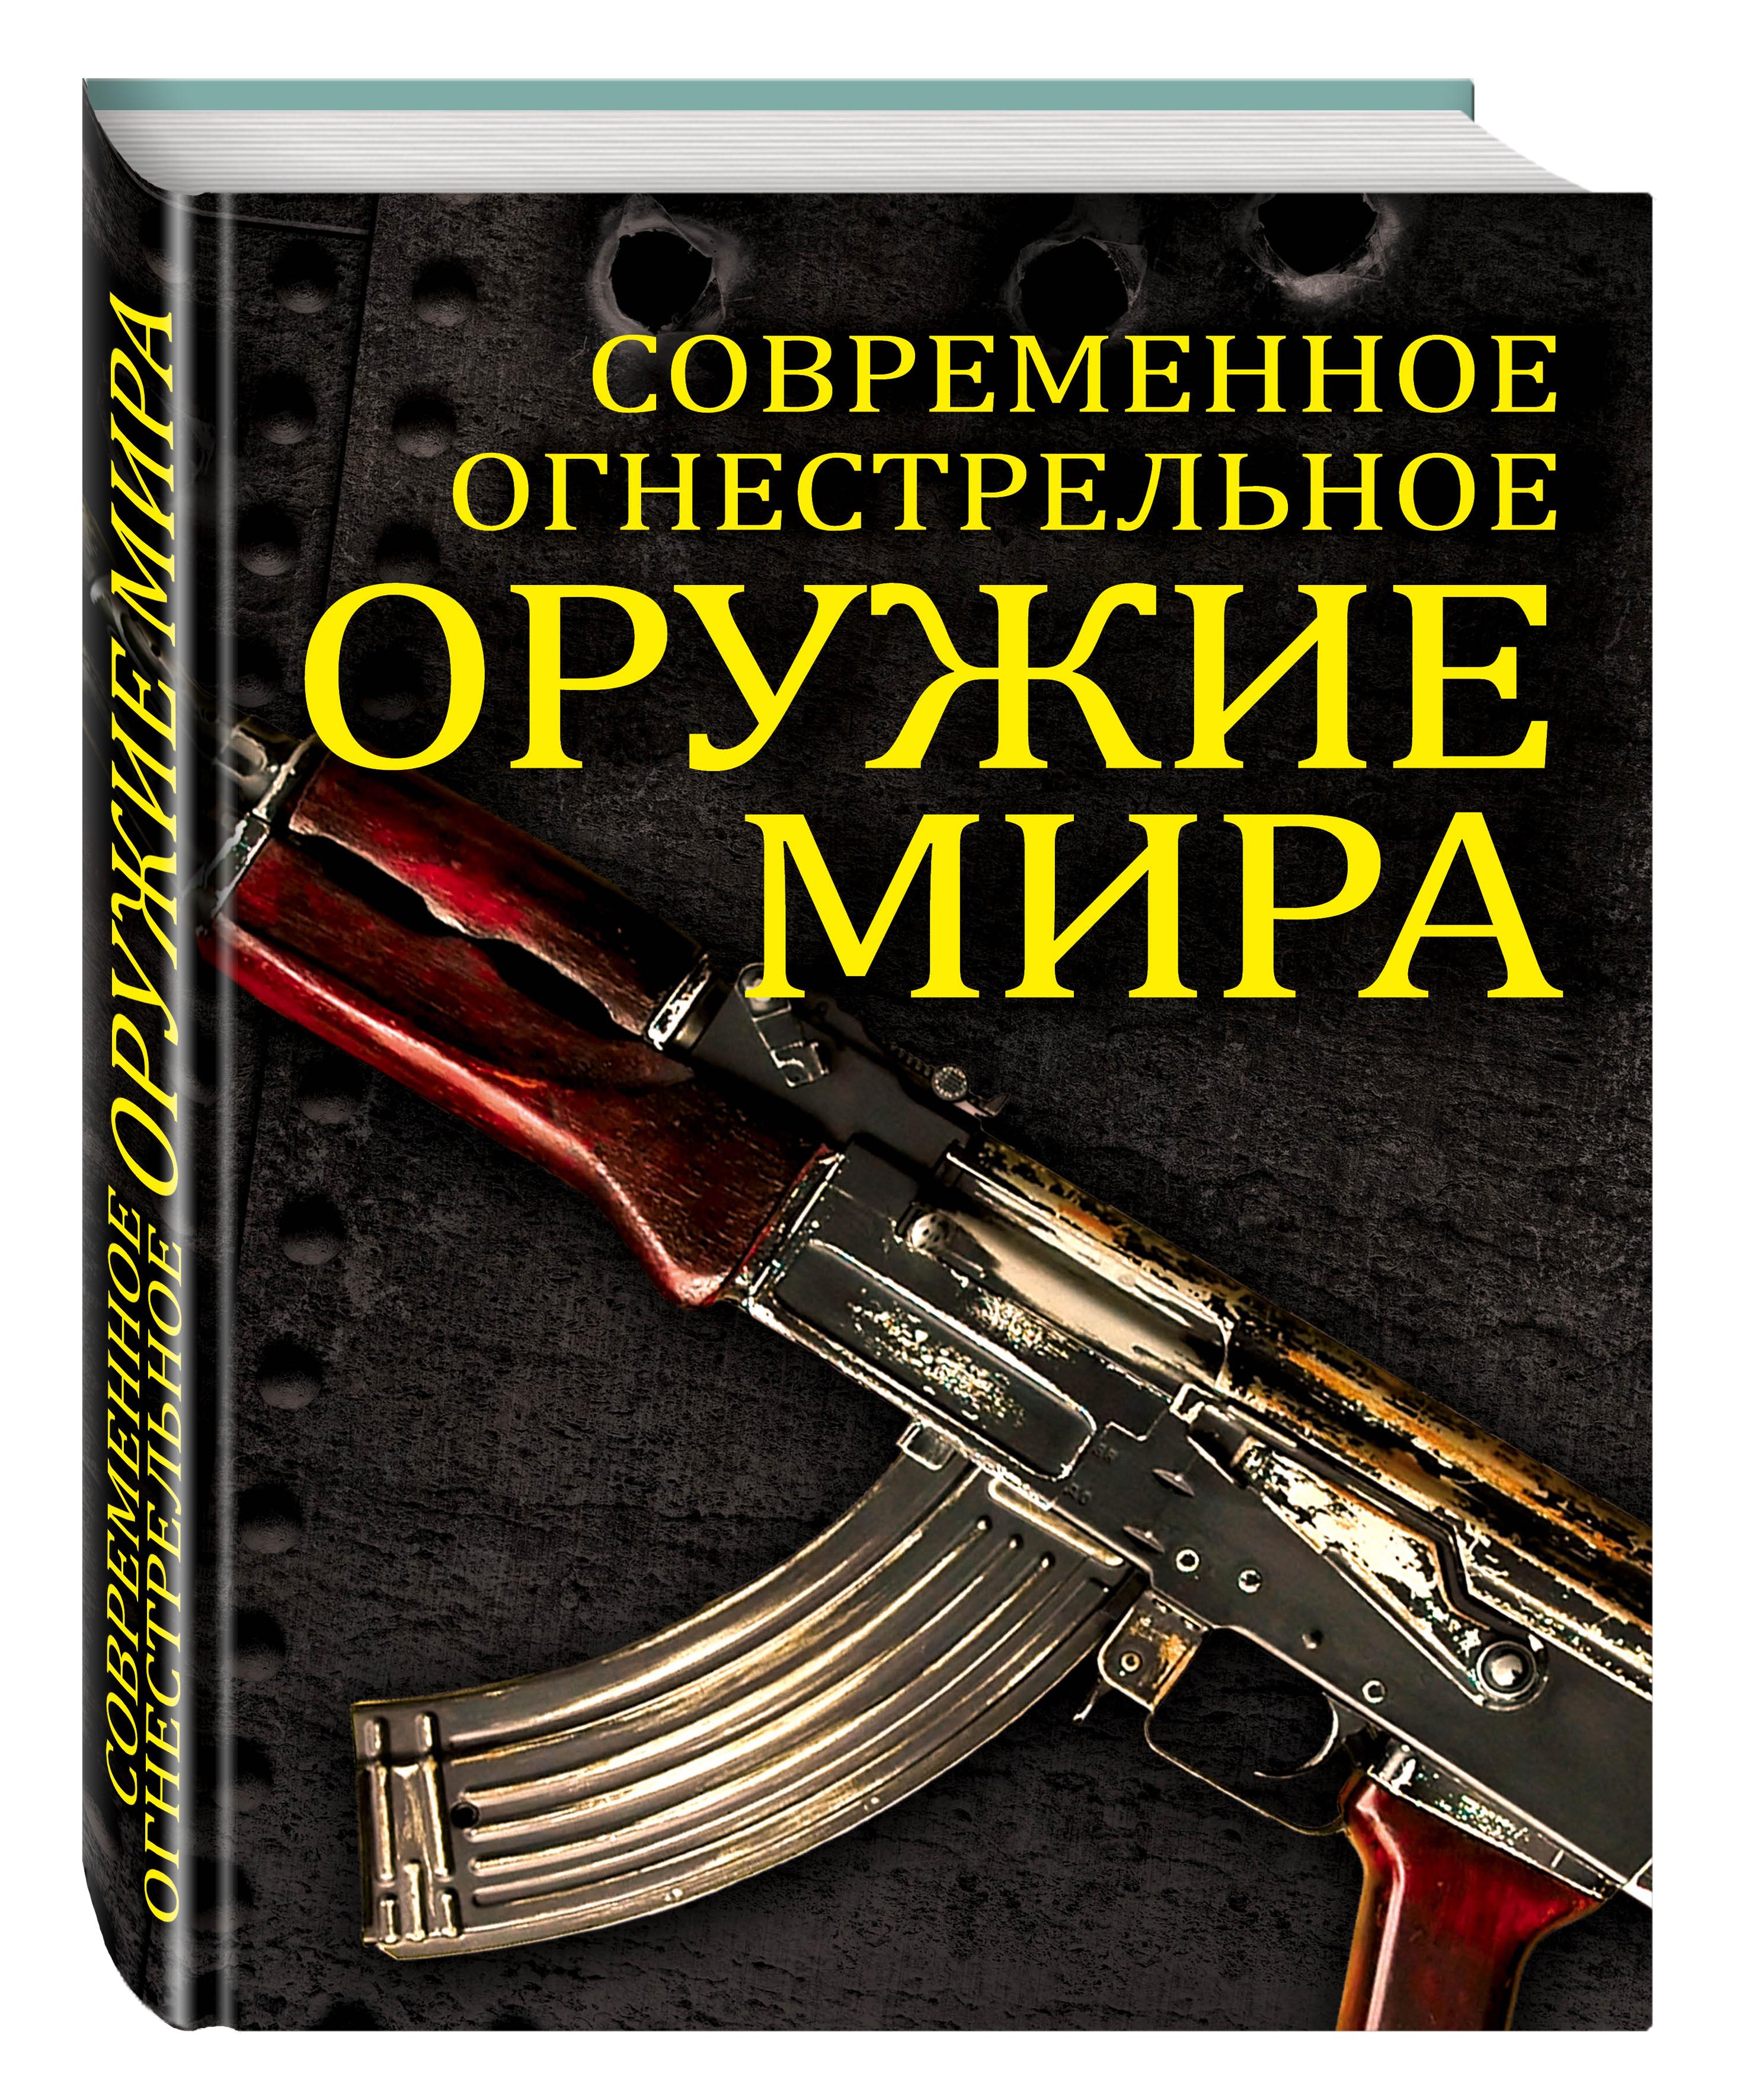 Современное огнестрельное оружие мира. 2-е издание ( Волков В.  )